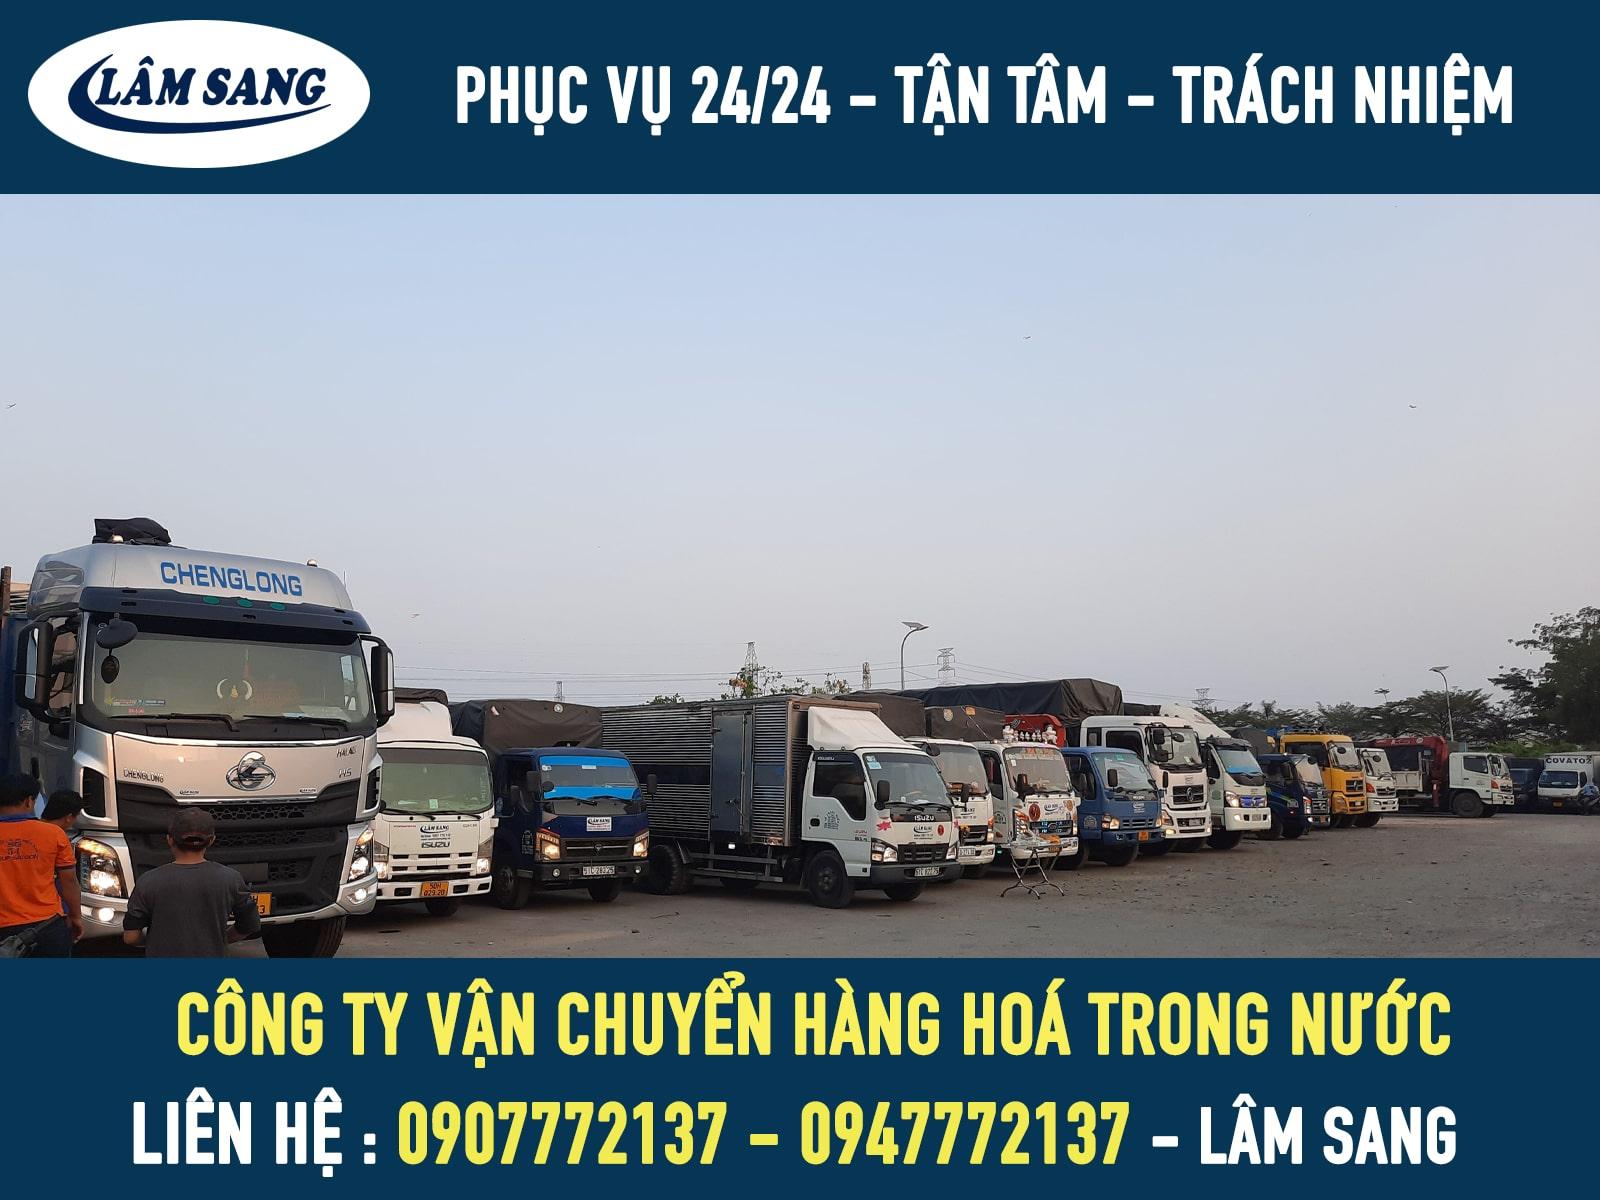 Công ty vận chuyển hàng hoá trong nước giá rẻ tại tphcm